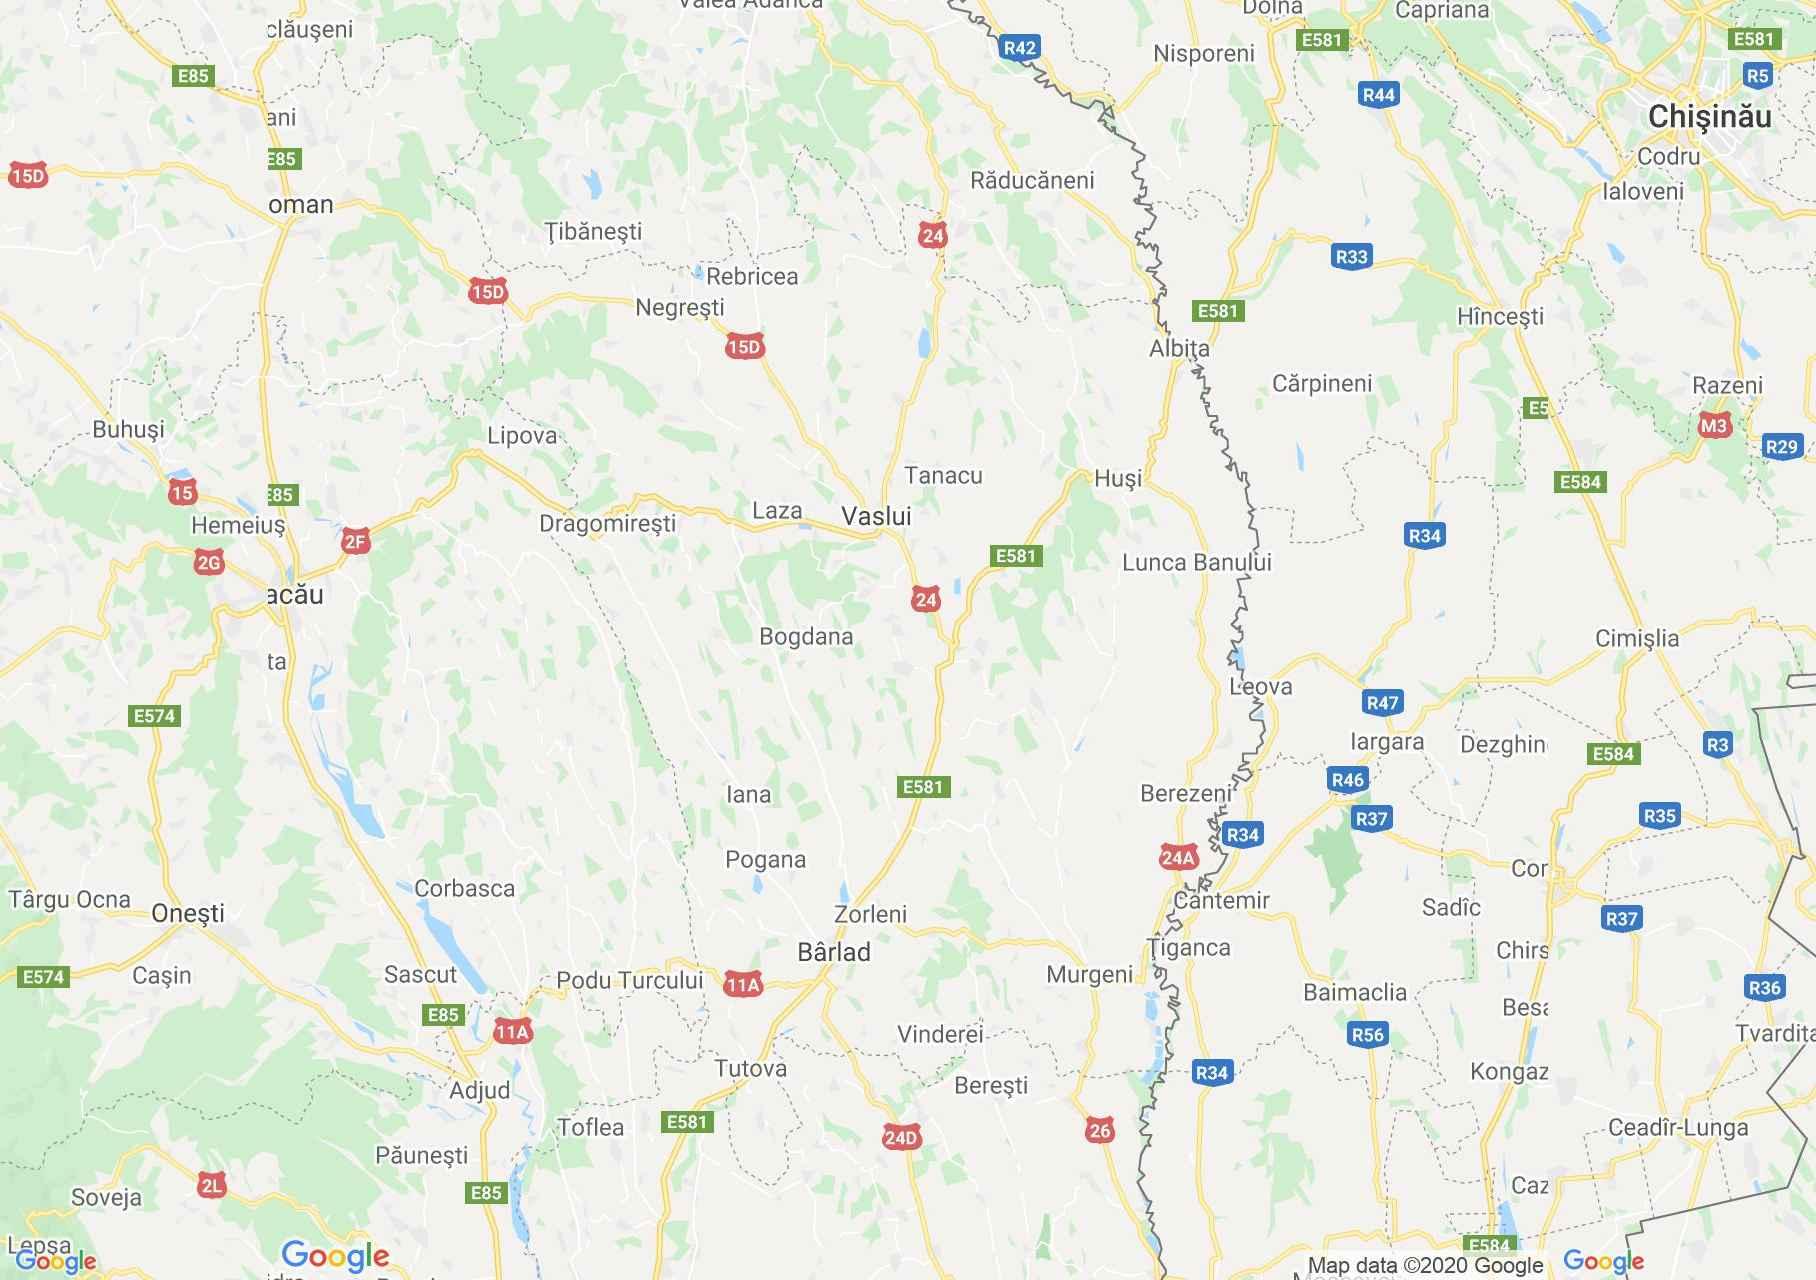 Vászló megye: (Vázsló) interaktív turista térképe.